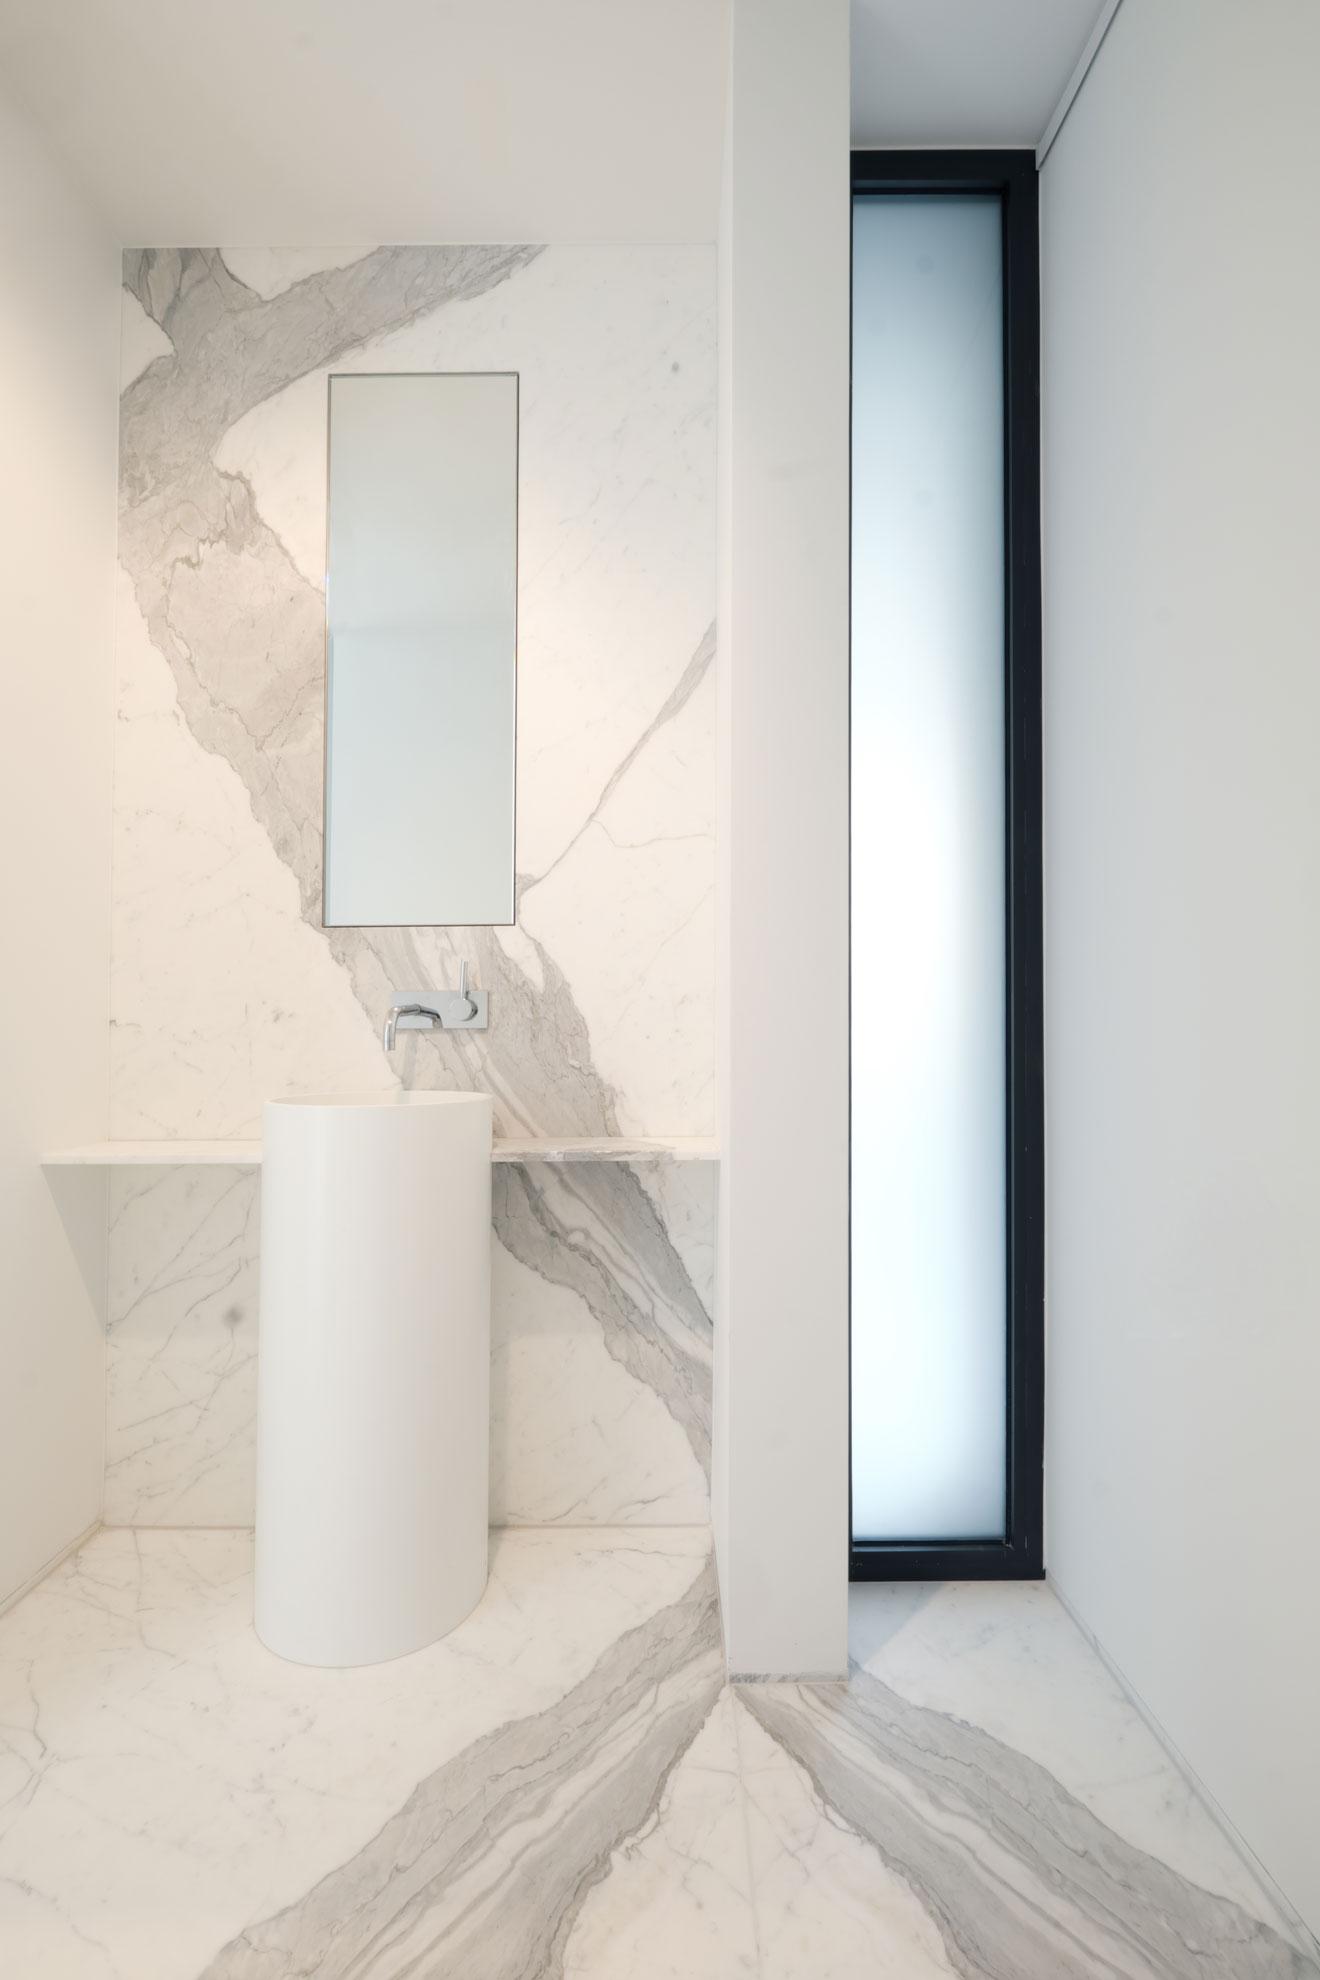 MArmor_Radermacher_Gaeste_WC_Wandverkleidung_Waschbecken_Statuario_Spiegelschnitt_Exklusives_Design